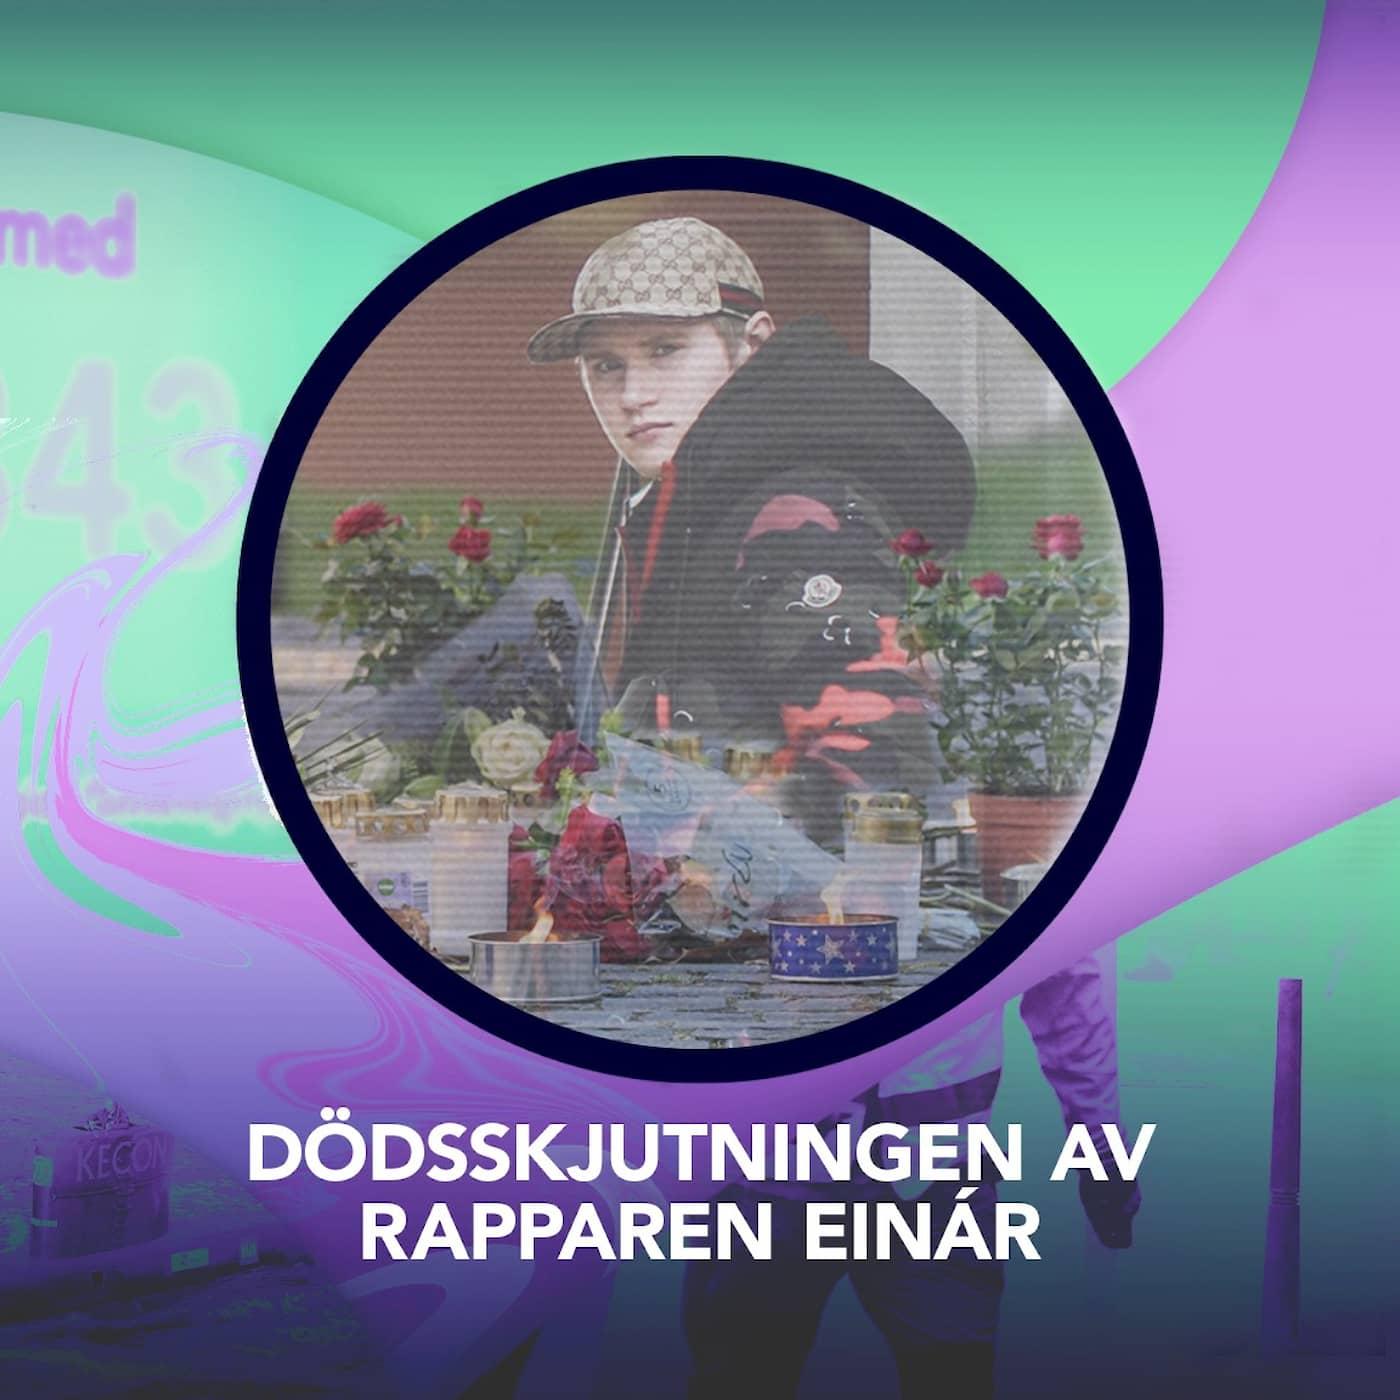 Dödsskjutningen av rapparen Einár – P3 Nyheter Dokumentär